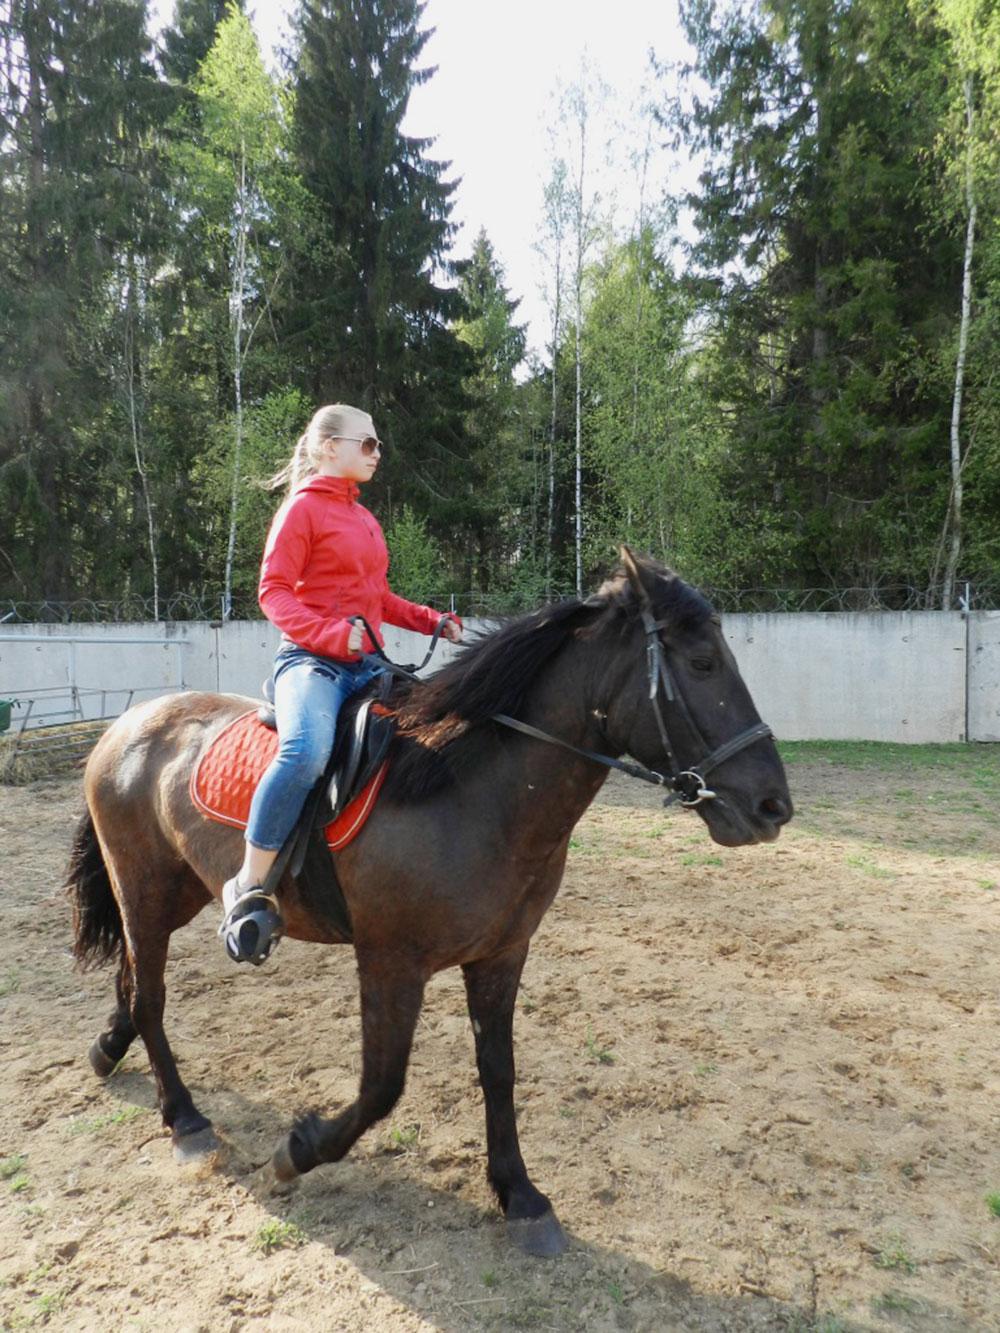 На базе отдыха можно активно провести время. Мы с детьми приезжаем туда покататься на лошадях